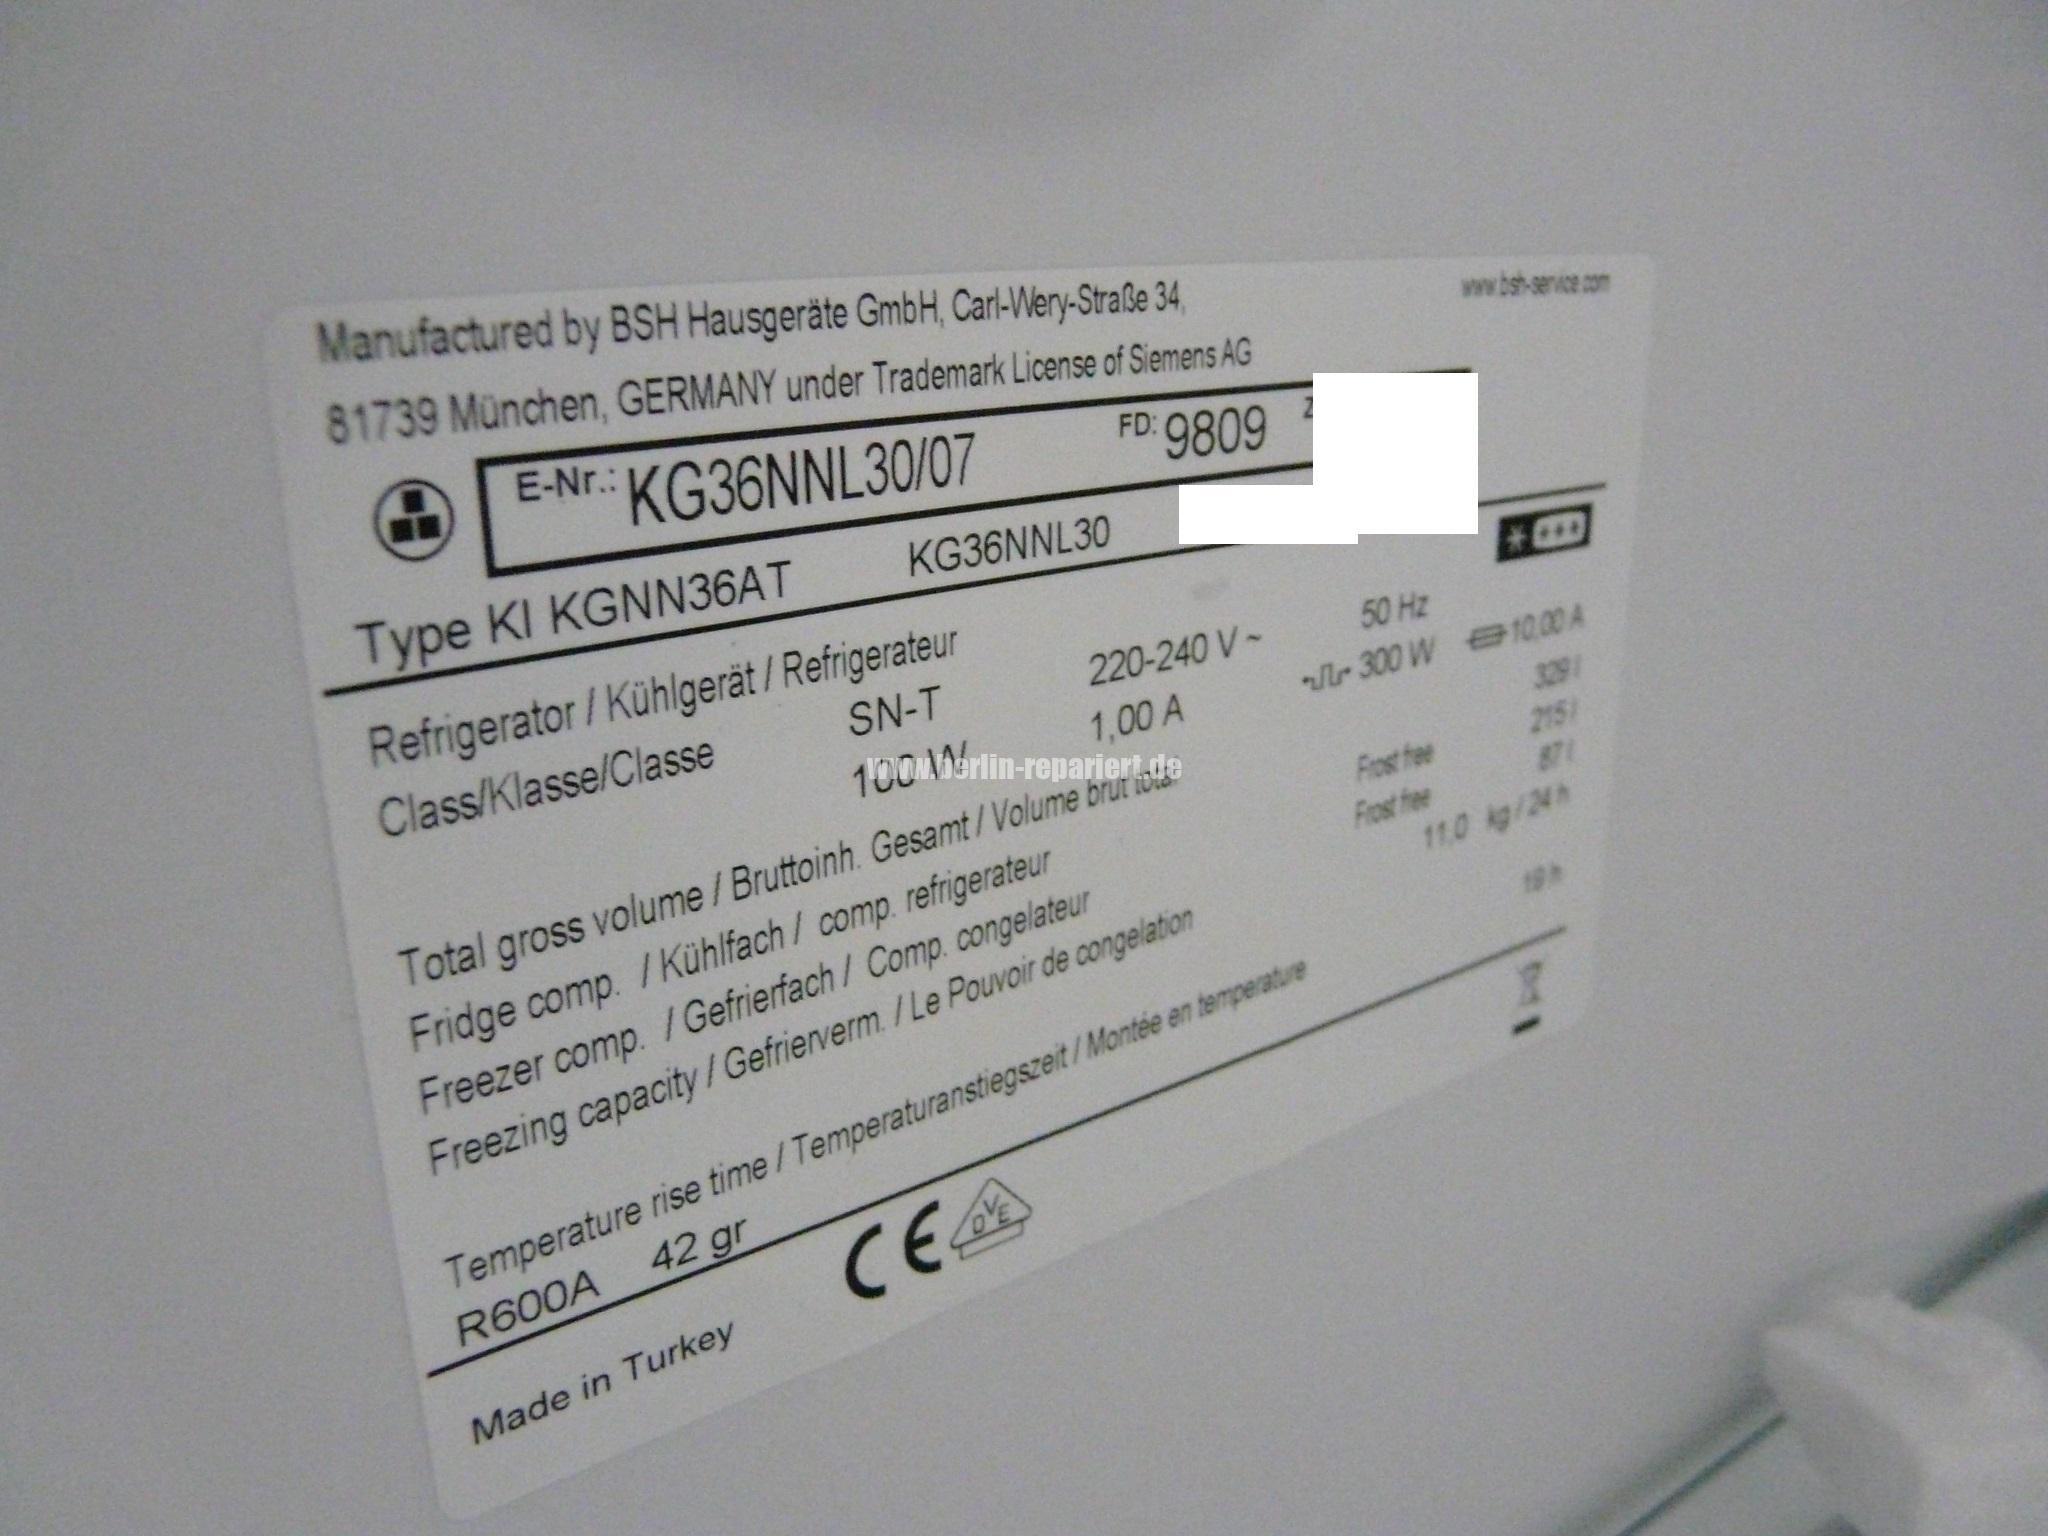 Siemens Kühlschrank Temperatur : Siemens kg nnl made in turkey mit chinesischer jia xipera